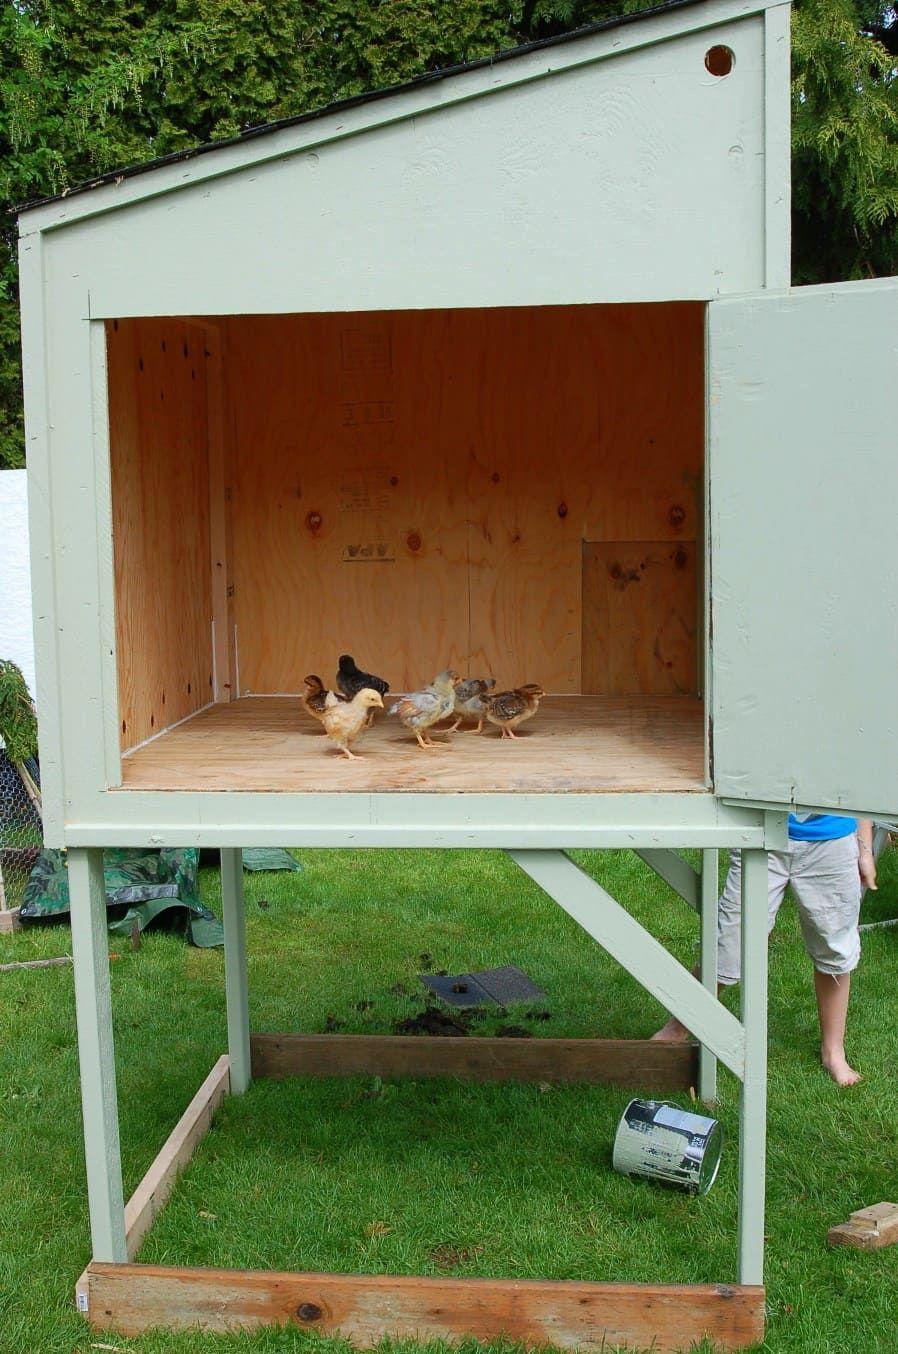 22 Low Budget Diy Backyard Chicken Coop Plans: Best Easy DIY Chicken Coop Plans You Can Build